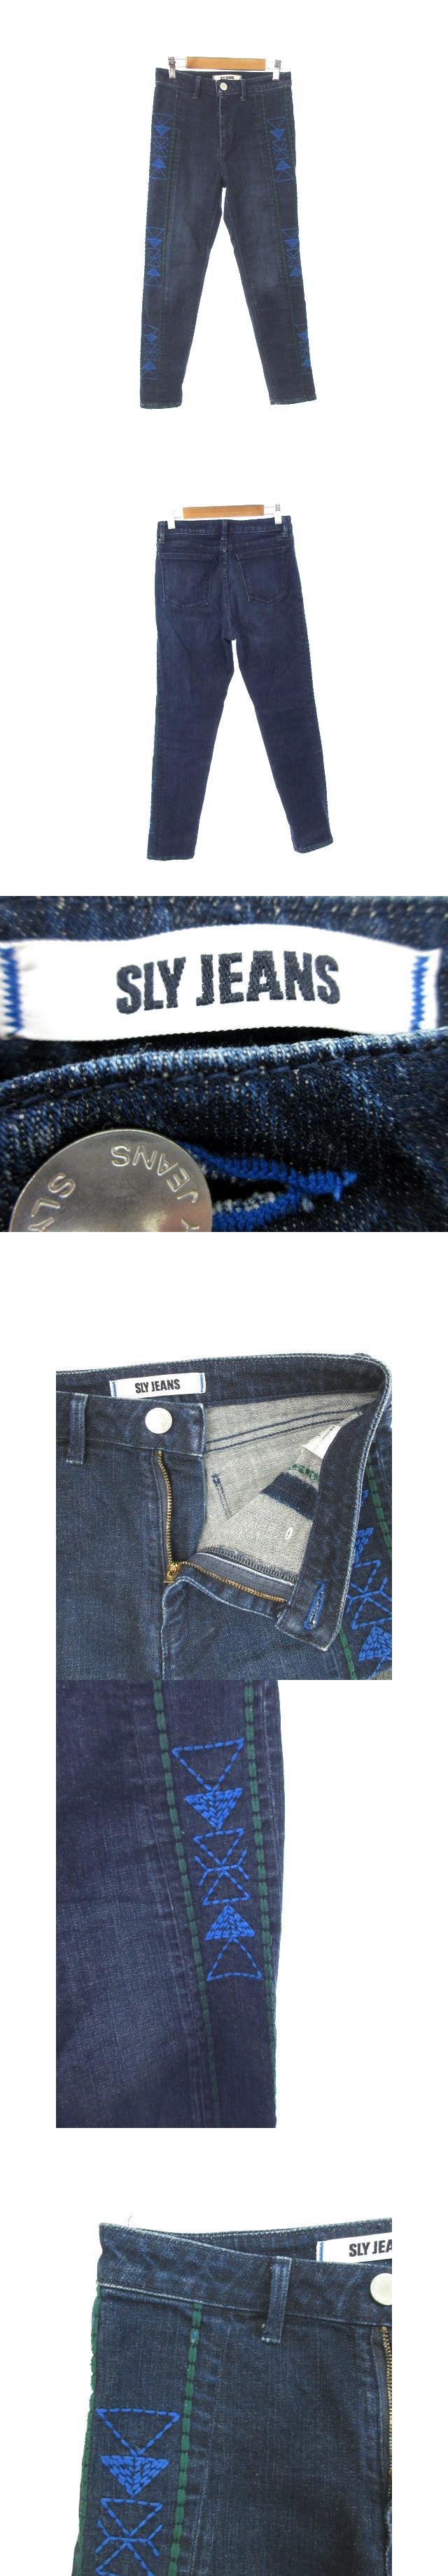 ジーンズ JEANS パンツ デニム ジーンズ スキニー 刺繍 ジップフライ 総柄 1 青 ブルー /YT26